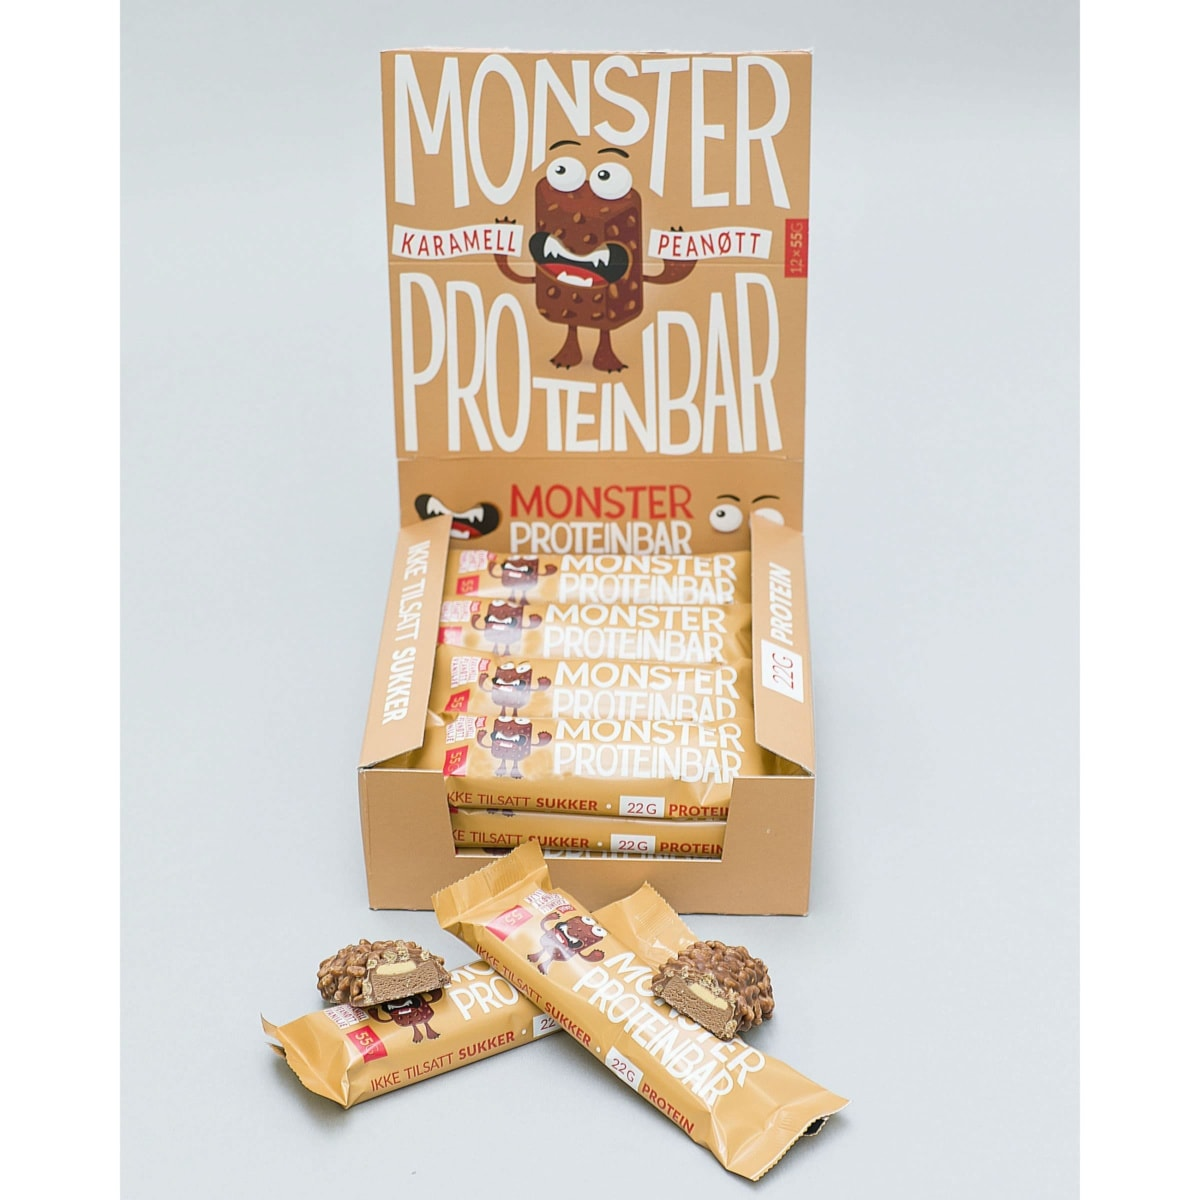 Monster-Karamell-Peanøtt-Proteinbar-d2